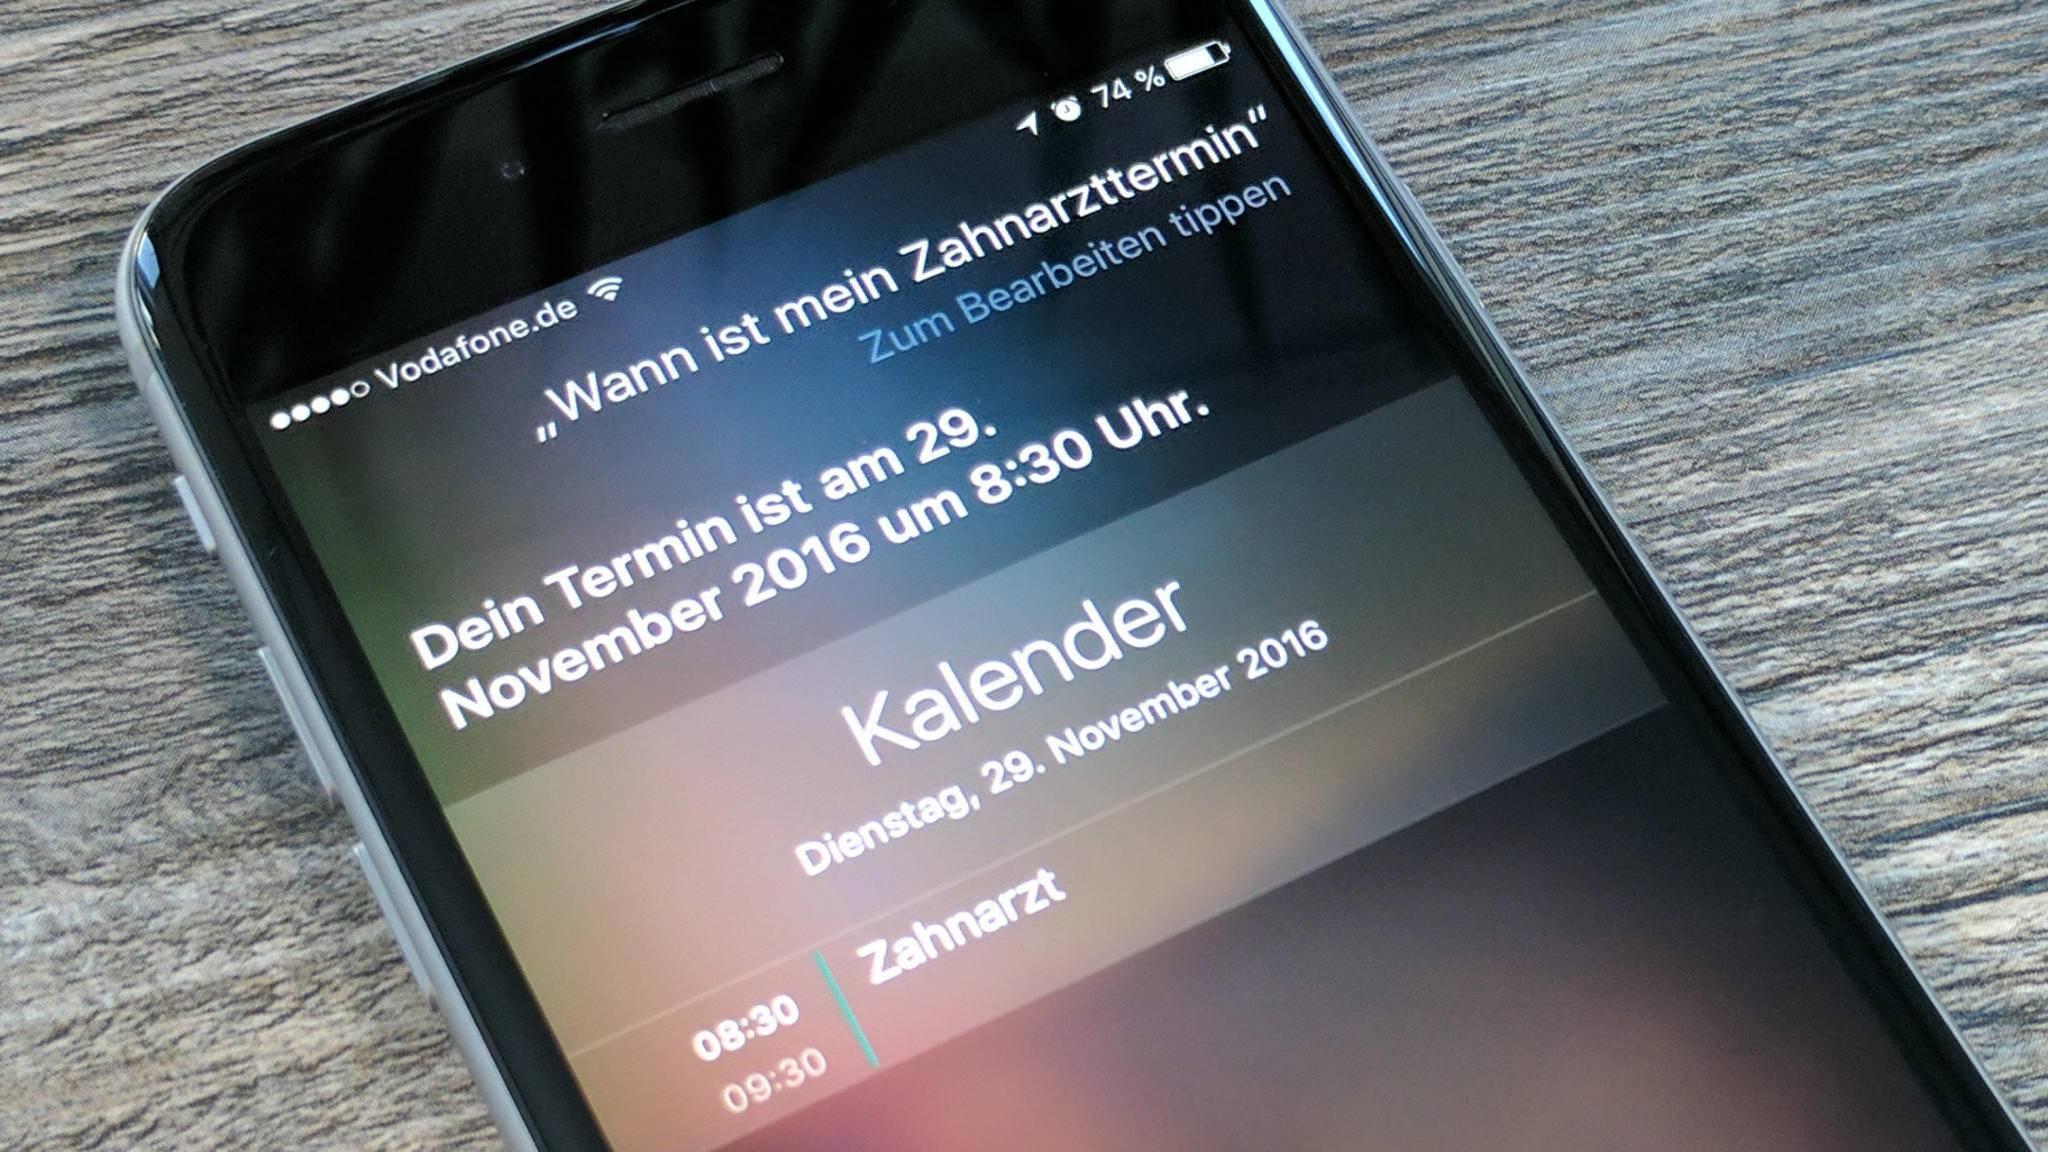 Sind mehrere Personen beteiligt, versendet Siri auch Einladungen zum neuen Termin.